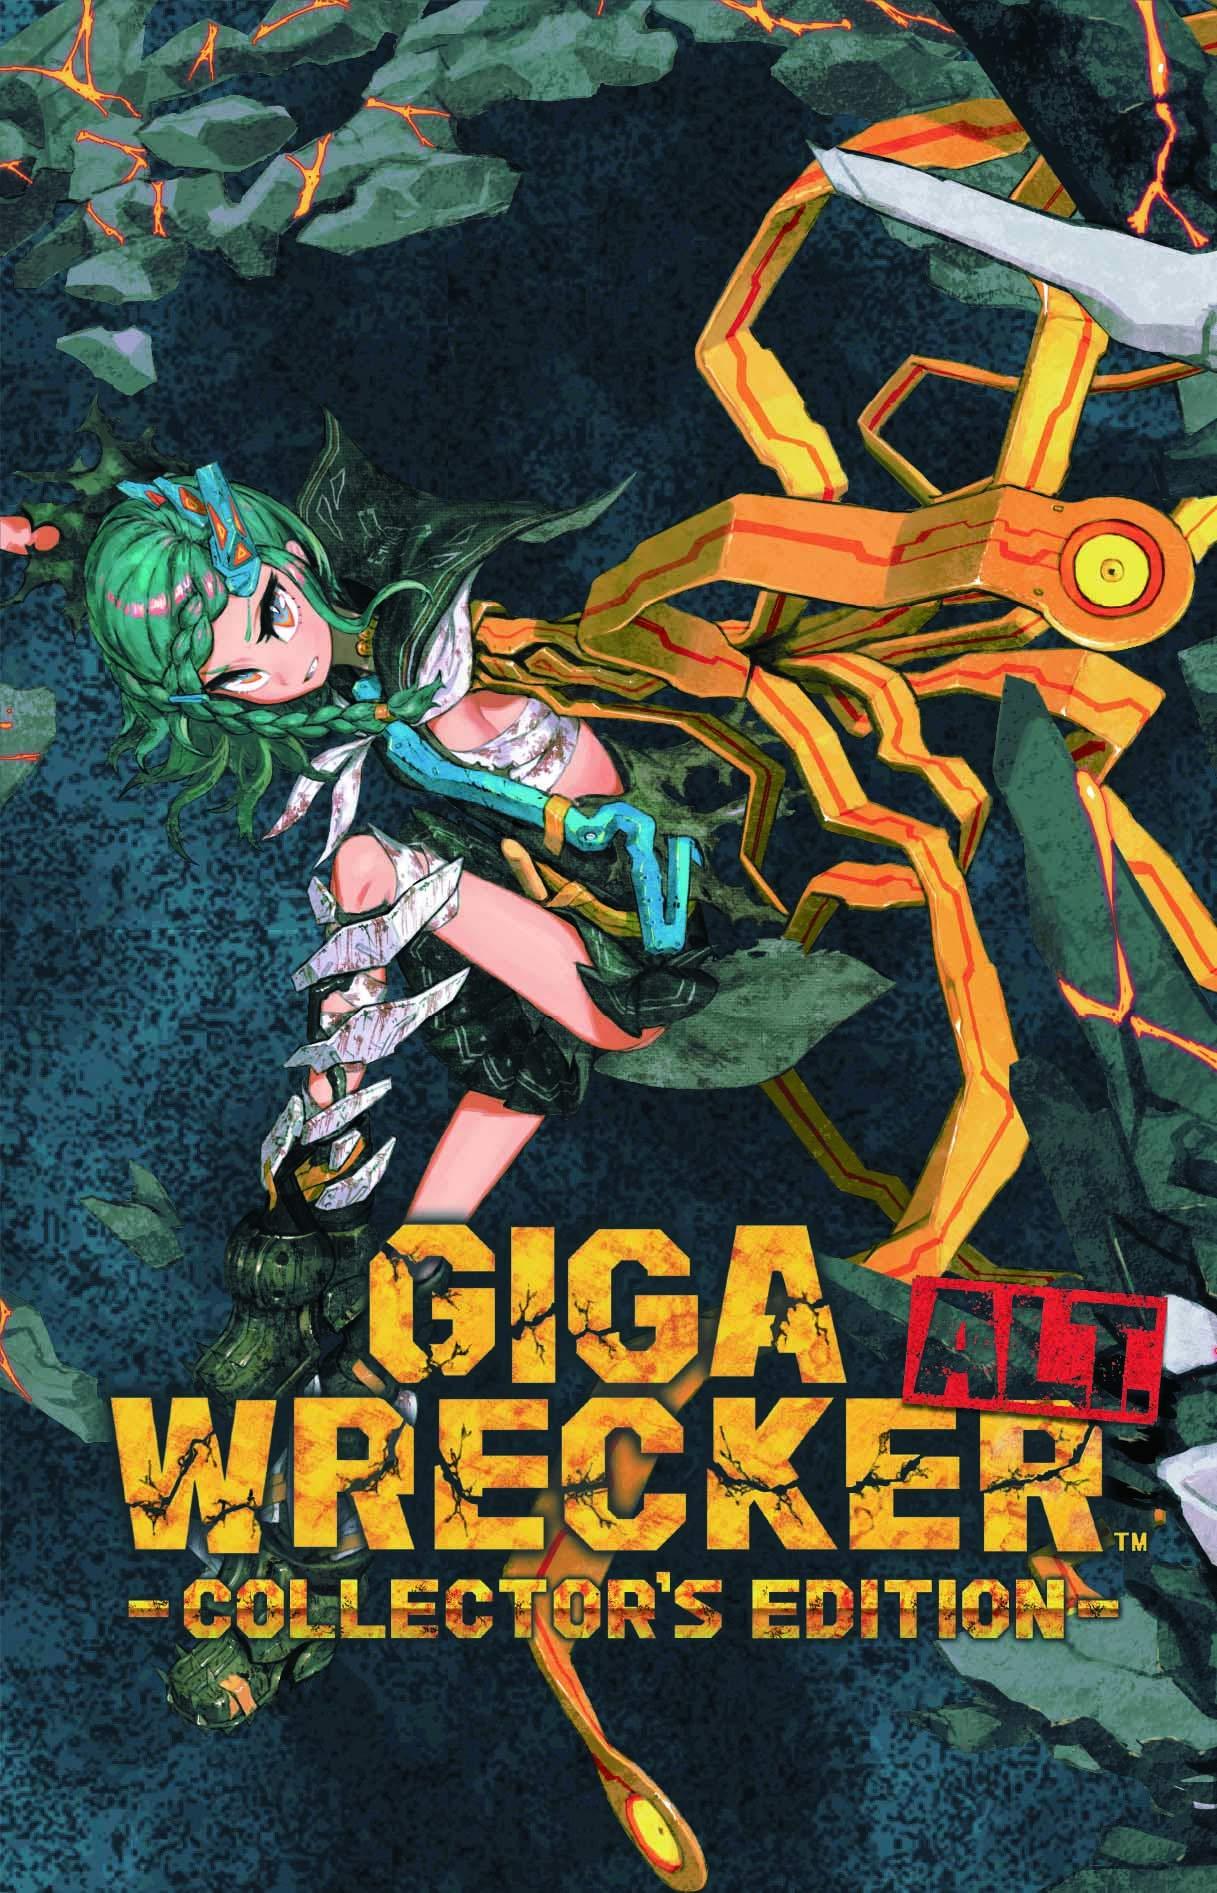 GIGA WRECKER ALT.(ギガレッカーオルト) コレクターズエディション - Switch (【特典】アートブック、サウンドトラックCD &【Amazon.co.jp限定特典】アイテム未定 同梱)